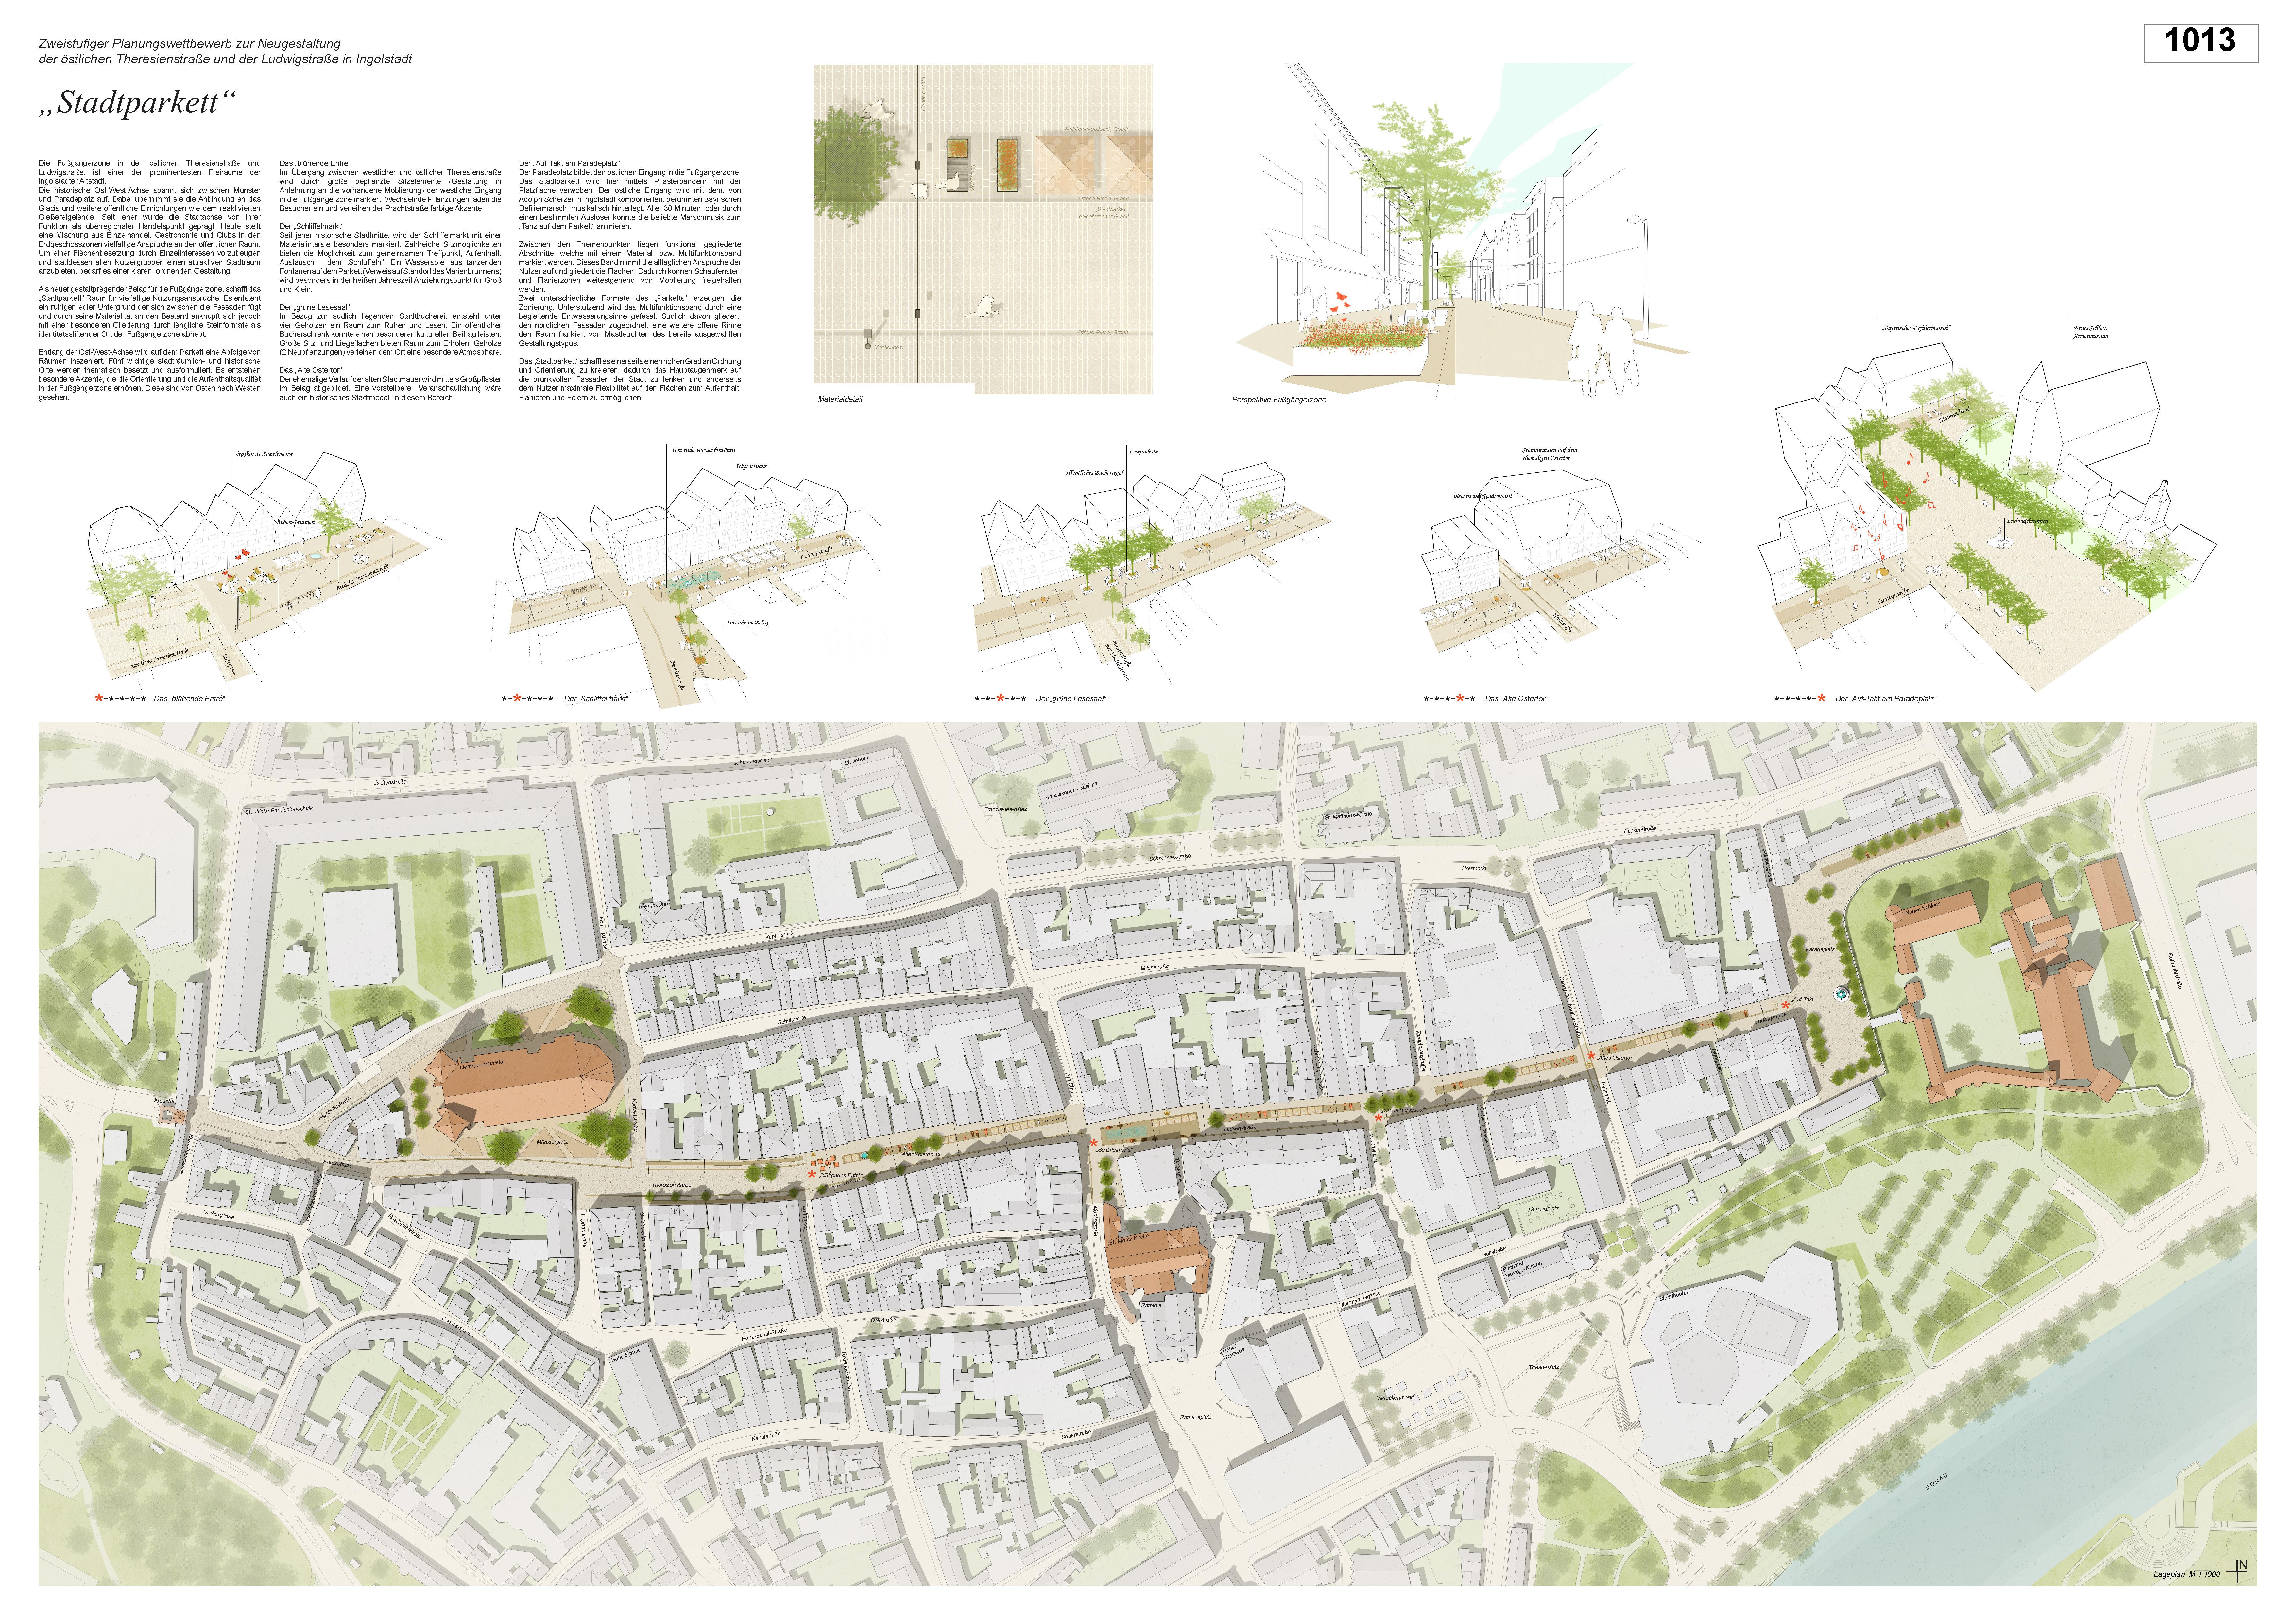 Preisgruppe 1. Stufe Planungswettbewerb Neugestaltung Fußgängerzone Arbeit 4 (1013)